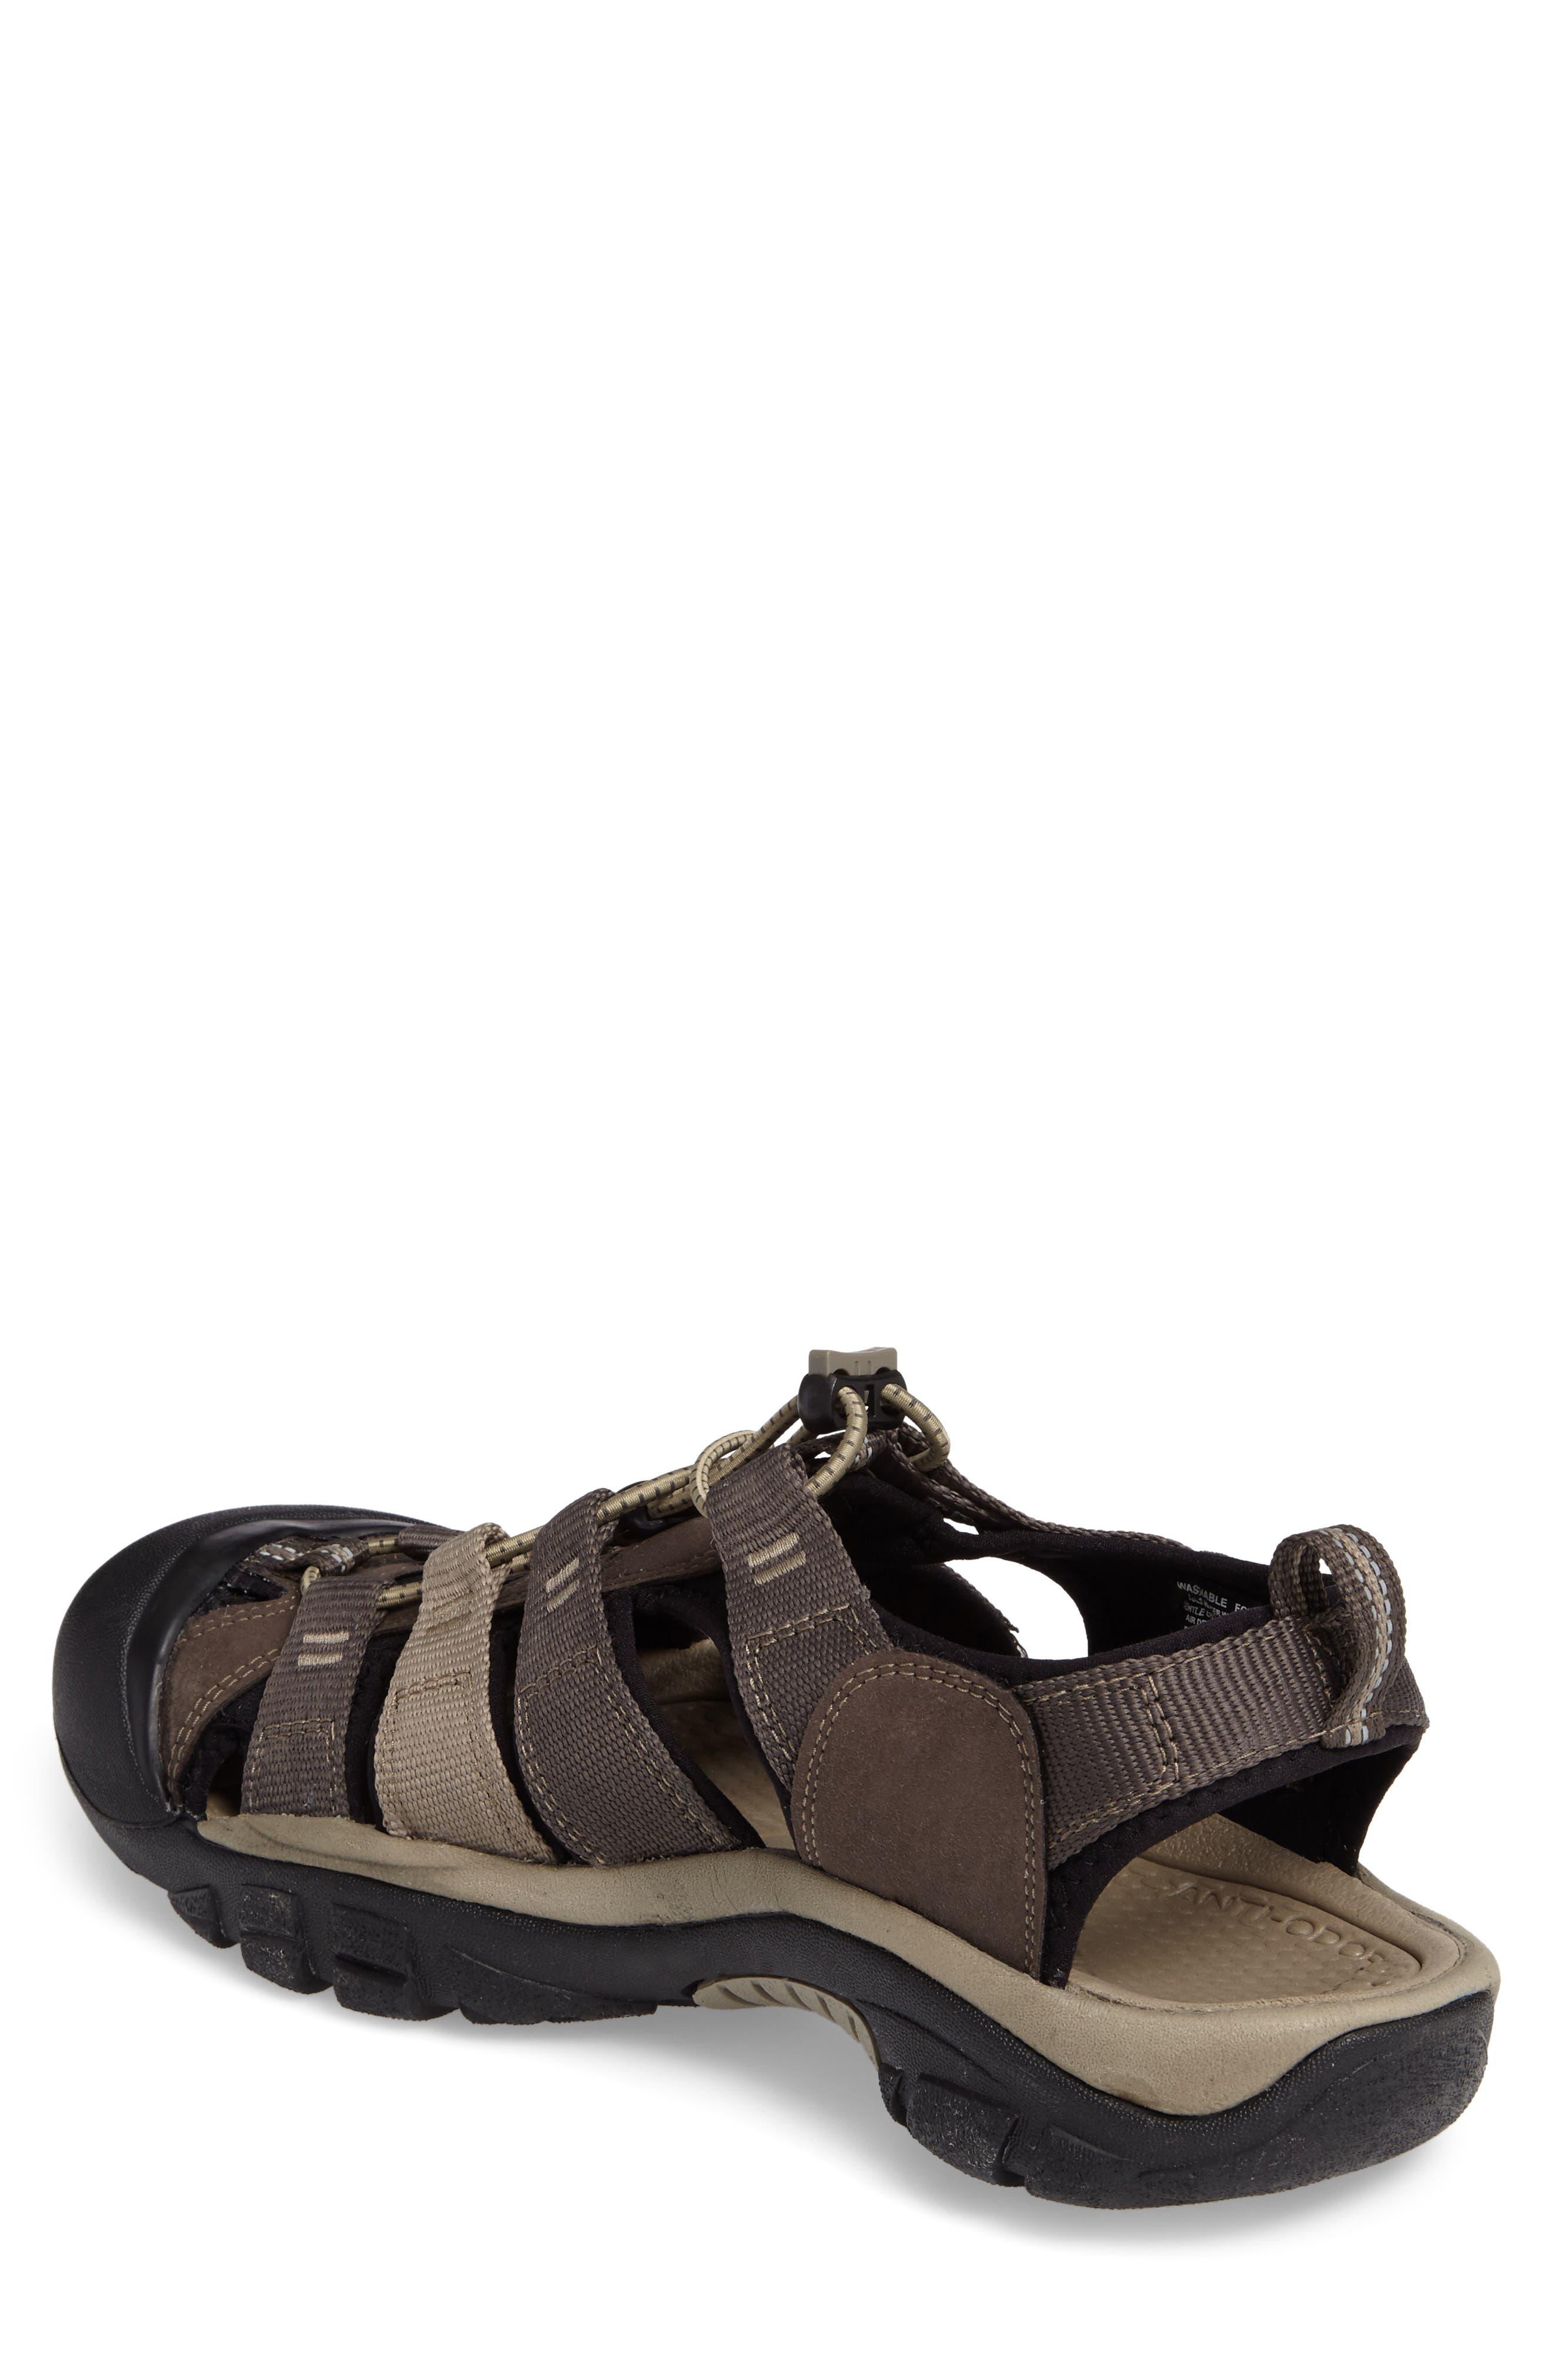 Alternate Image 2  - Keen 'Newport H2' Sandal (Men)